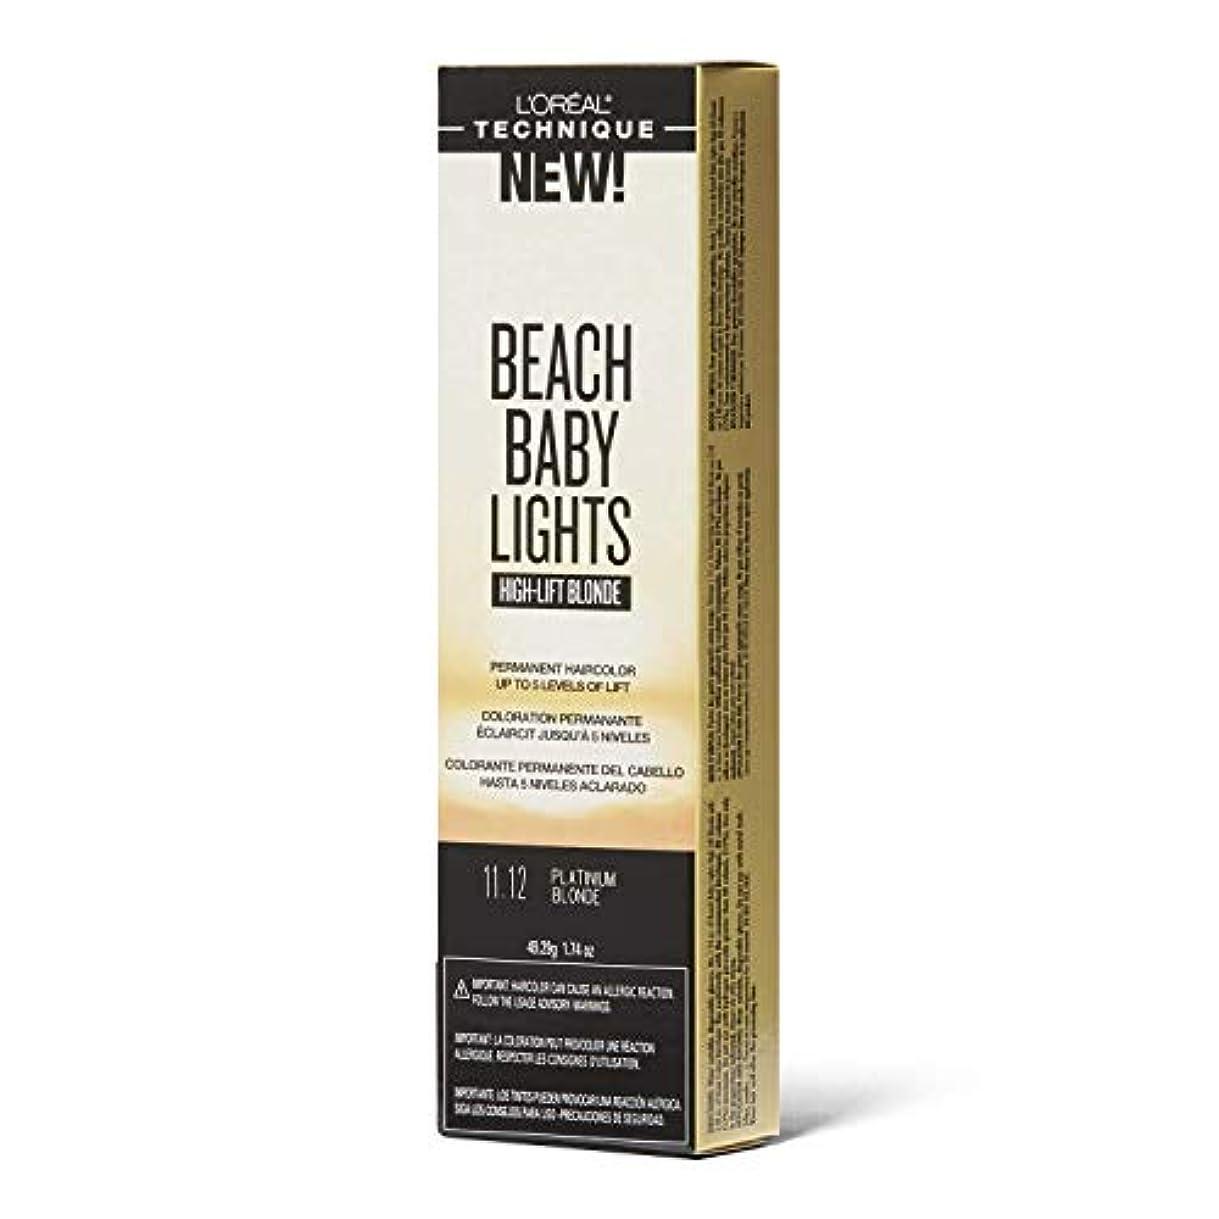 粘性の首謀者報いるL'Oreal Paris L'Orealのビーチ赤ちゃんライトハイリフトプラチナブロンド11.12プラチナブロンド